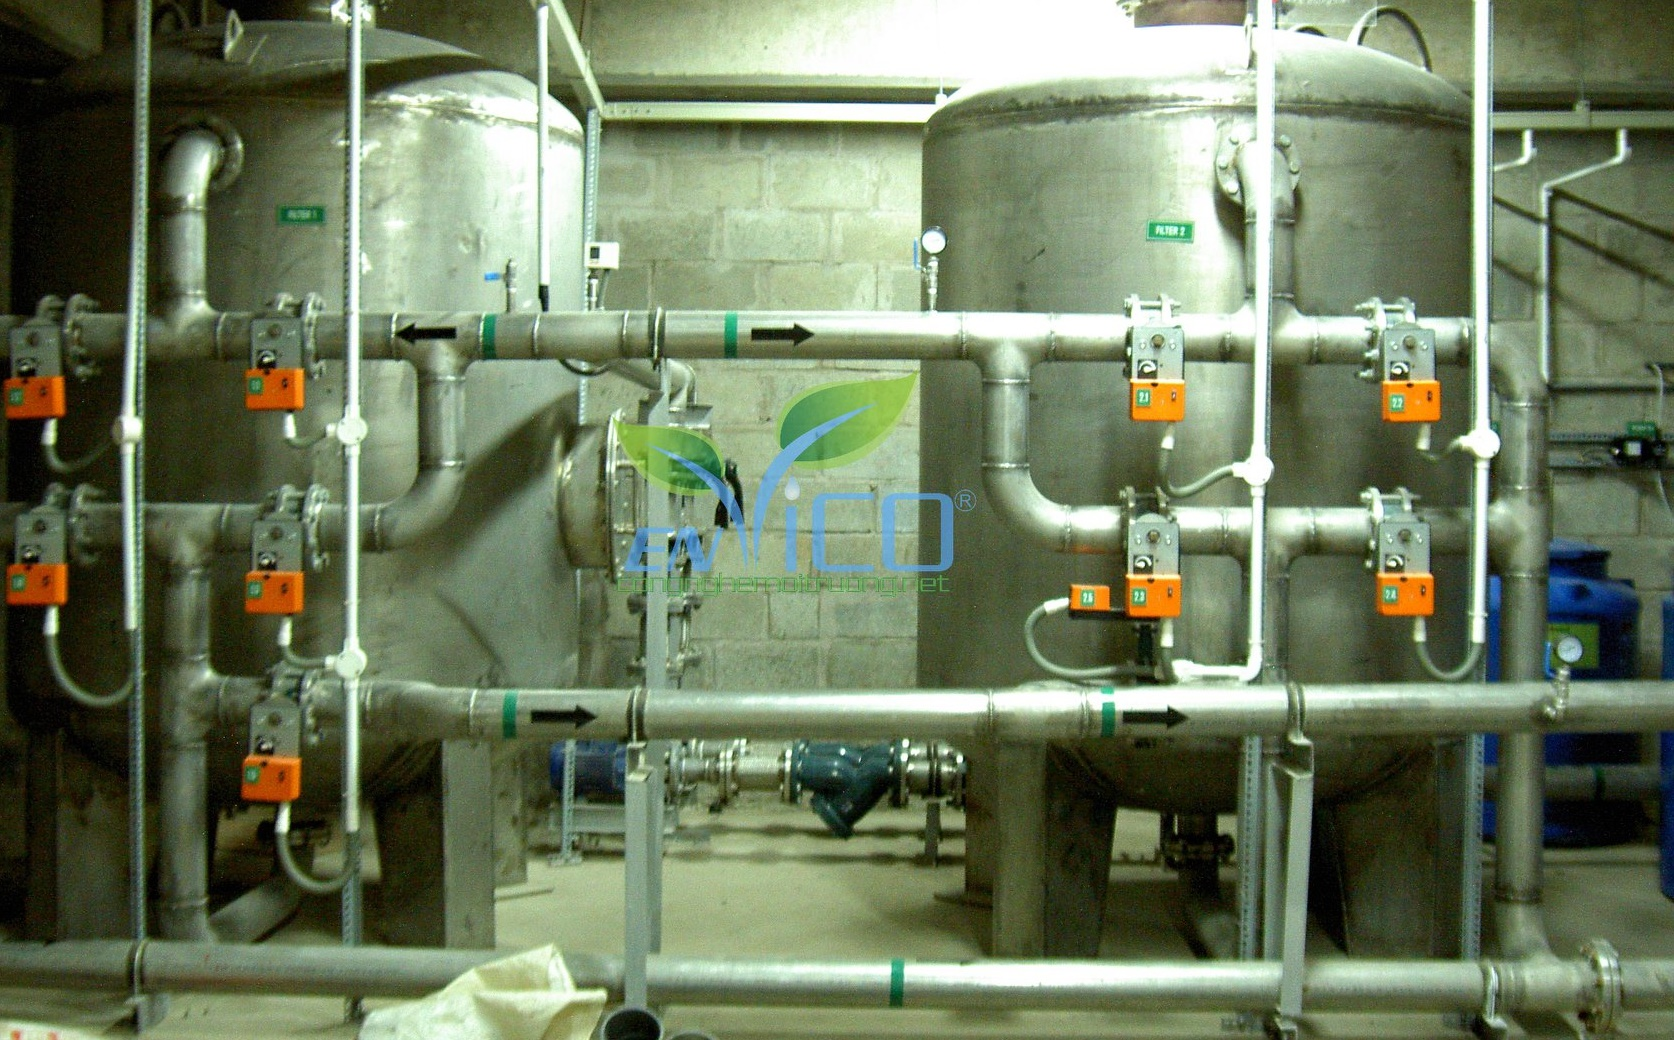 Ứng công nghệ Nano trong xử lý nước thải đầu tiên ở Việt Nam